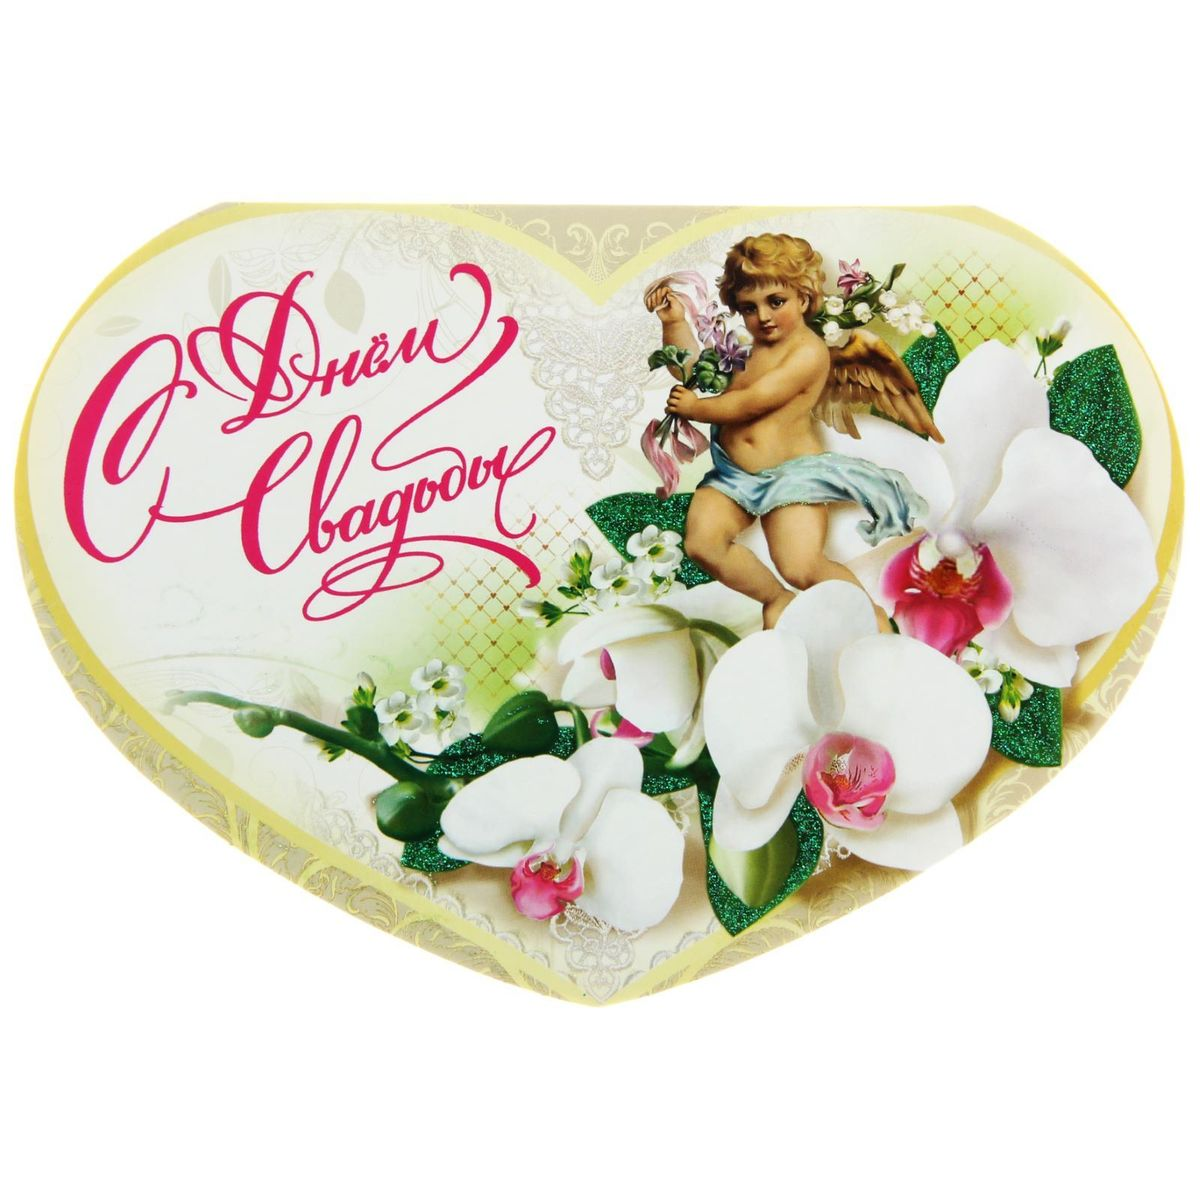 Открытка Эдельвейс С днем свадьбы. Ангел1233306Если вы хотите порадовать себя или близких, создать праздничное настроение и с улыбкой провести памятный день, то вы, несомненно, сделали правильный выбор! Открытка Открытка Эдельвейс С днем свадьбы, выполненная из плотной бумаги, отличается не только оригинальным дизайном, но и высоким качеством.Лицевая сторона изделия оформлена ярким изображением. Внутри открытка содержит текст с поздравлением.Такая открытка непременно порадует получателя и станет отличным напоминанием о проведенном вместе времени.